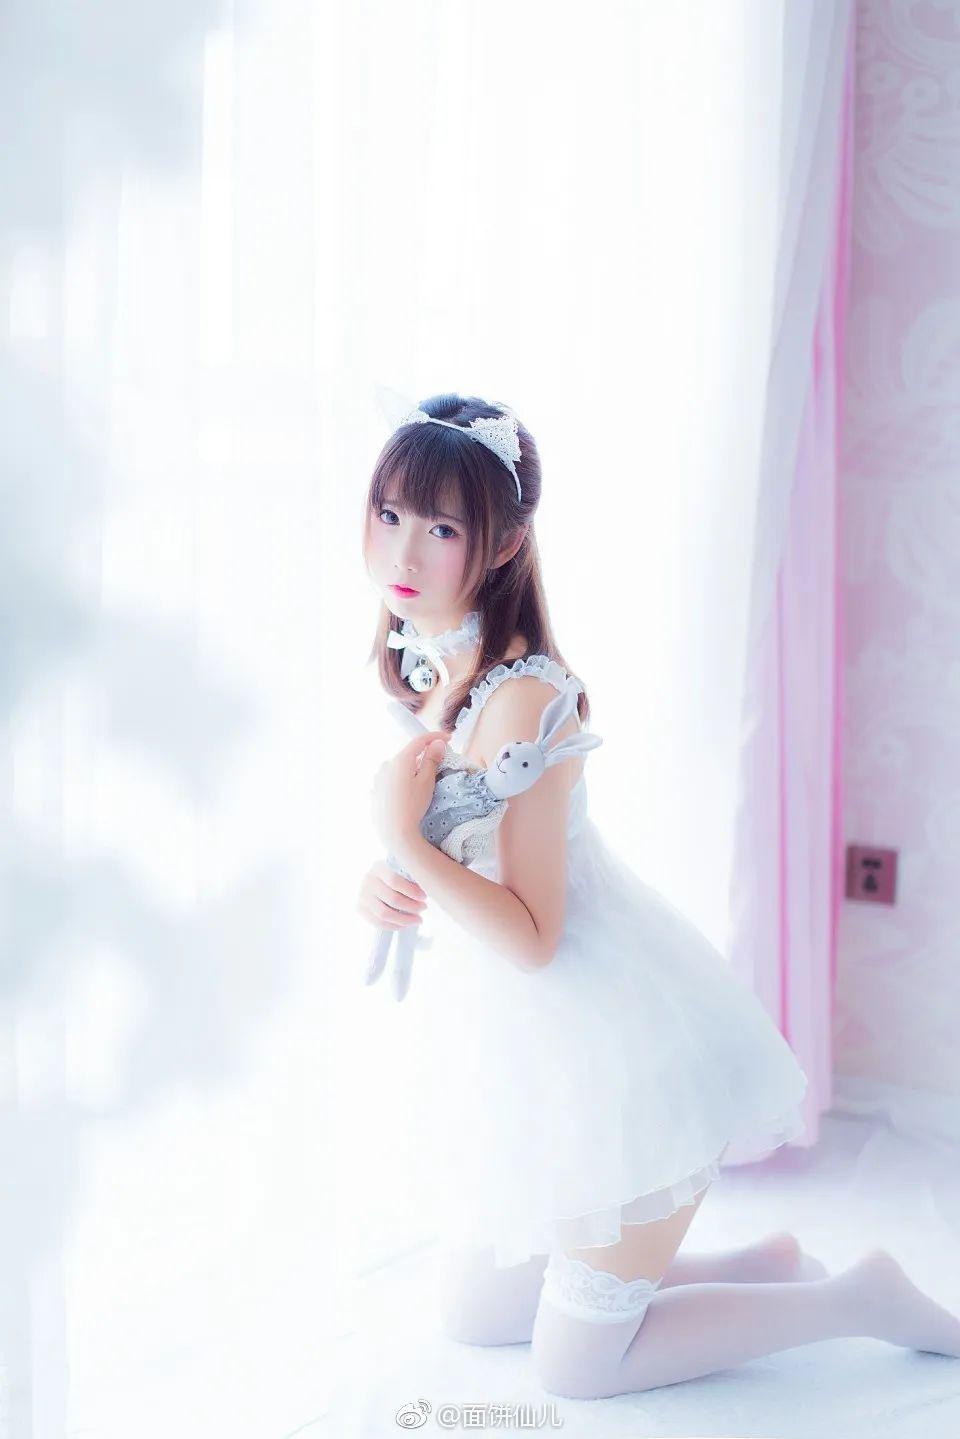 妹子摄影 – 超甜美白丝女孩婚纱写真_图片 No.8